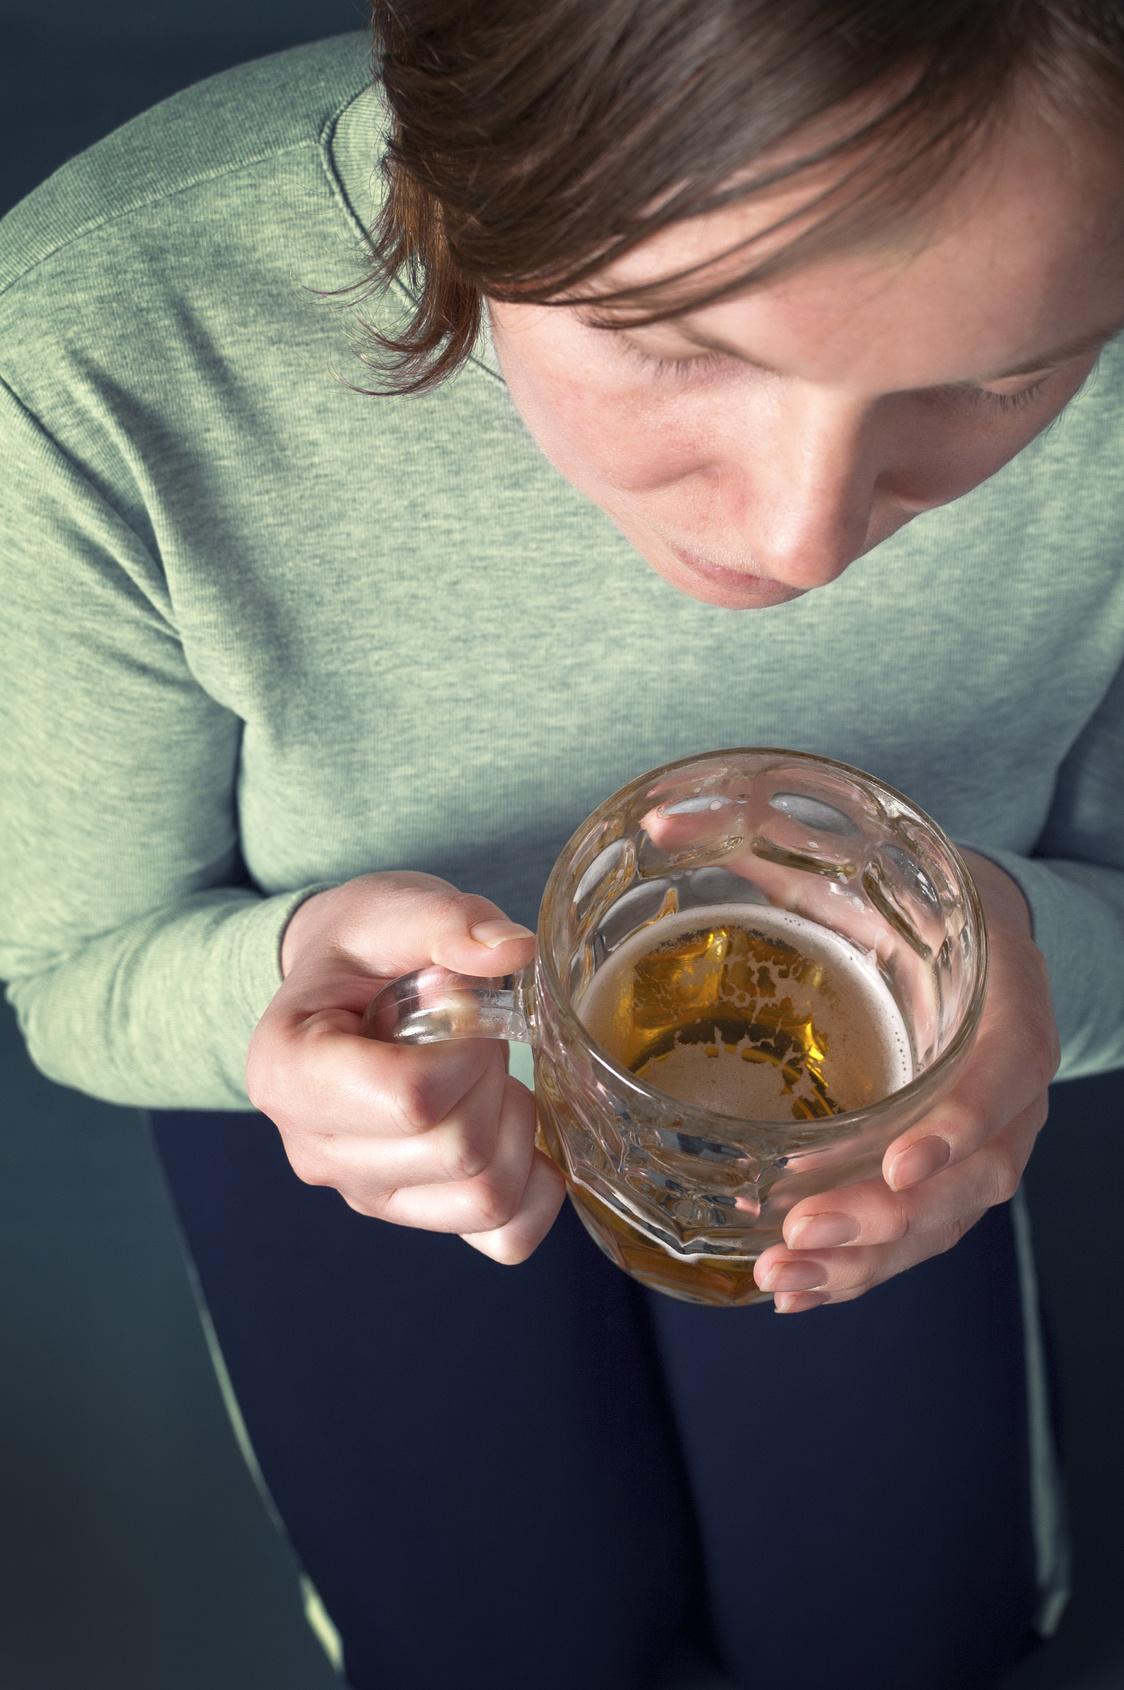 Лечение от алкогольной зависимости самостоятельно